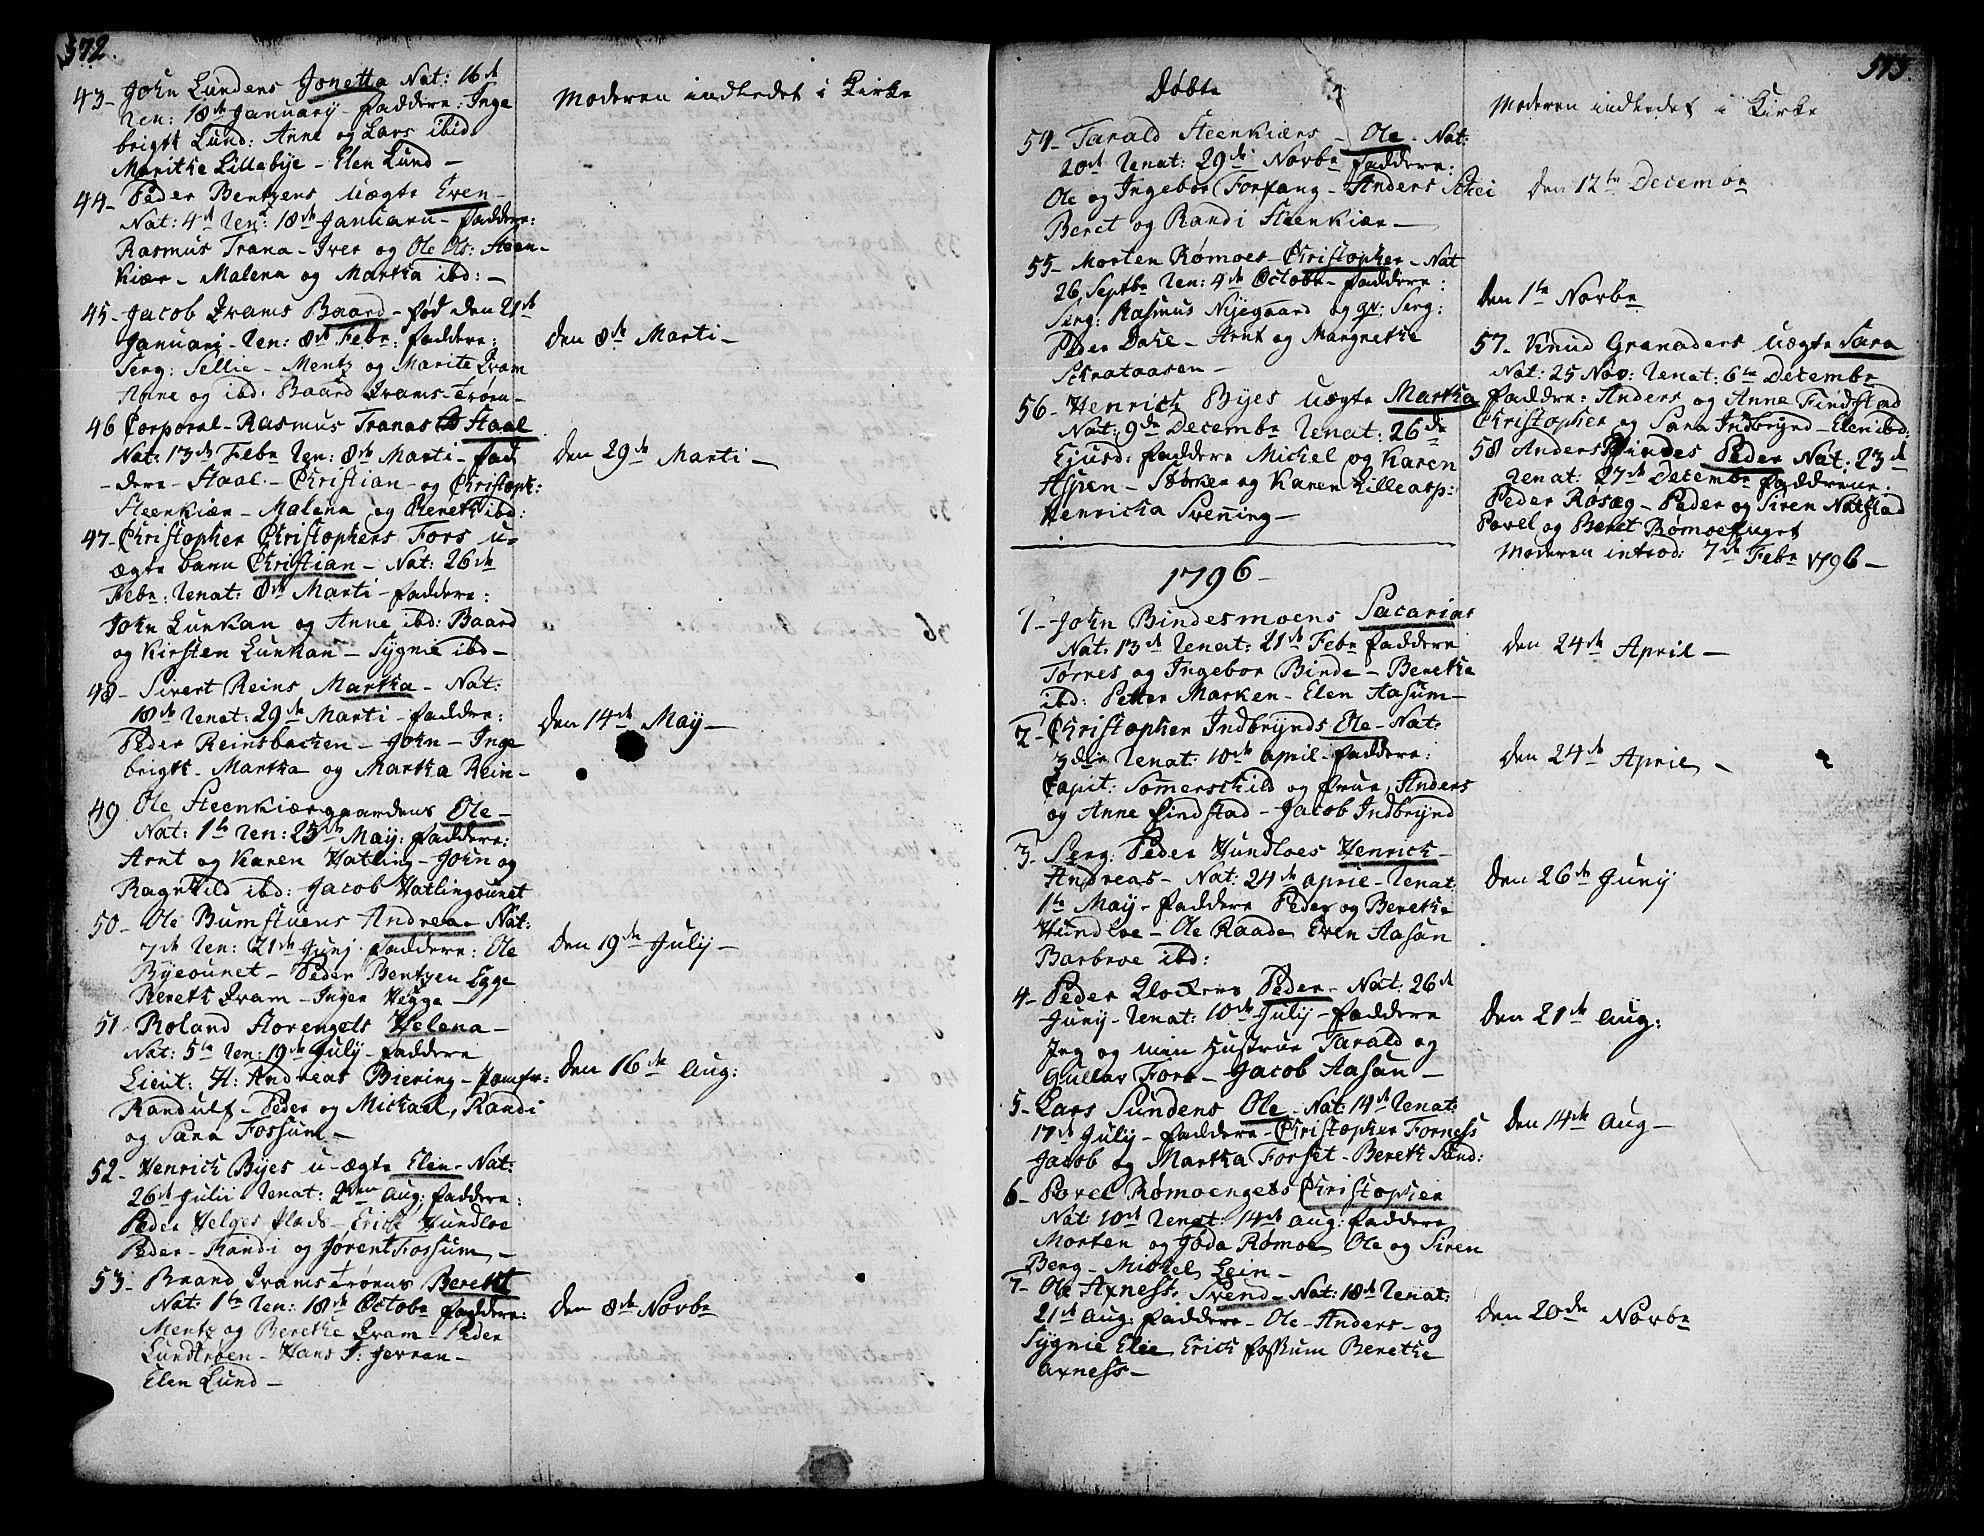 SAT, Ministerialprotokoller, klokkerbøker og fødselsregistre - Nord-Trøndelag, 746/L0440: Ministerialbok nr. 746A02, 1760-1815, s. 572-573